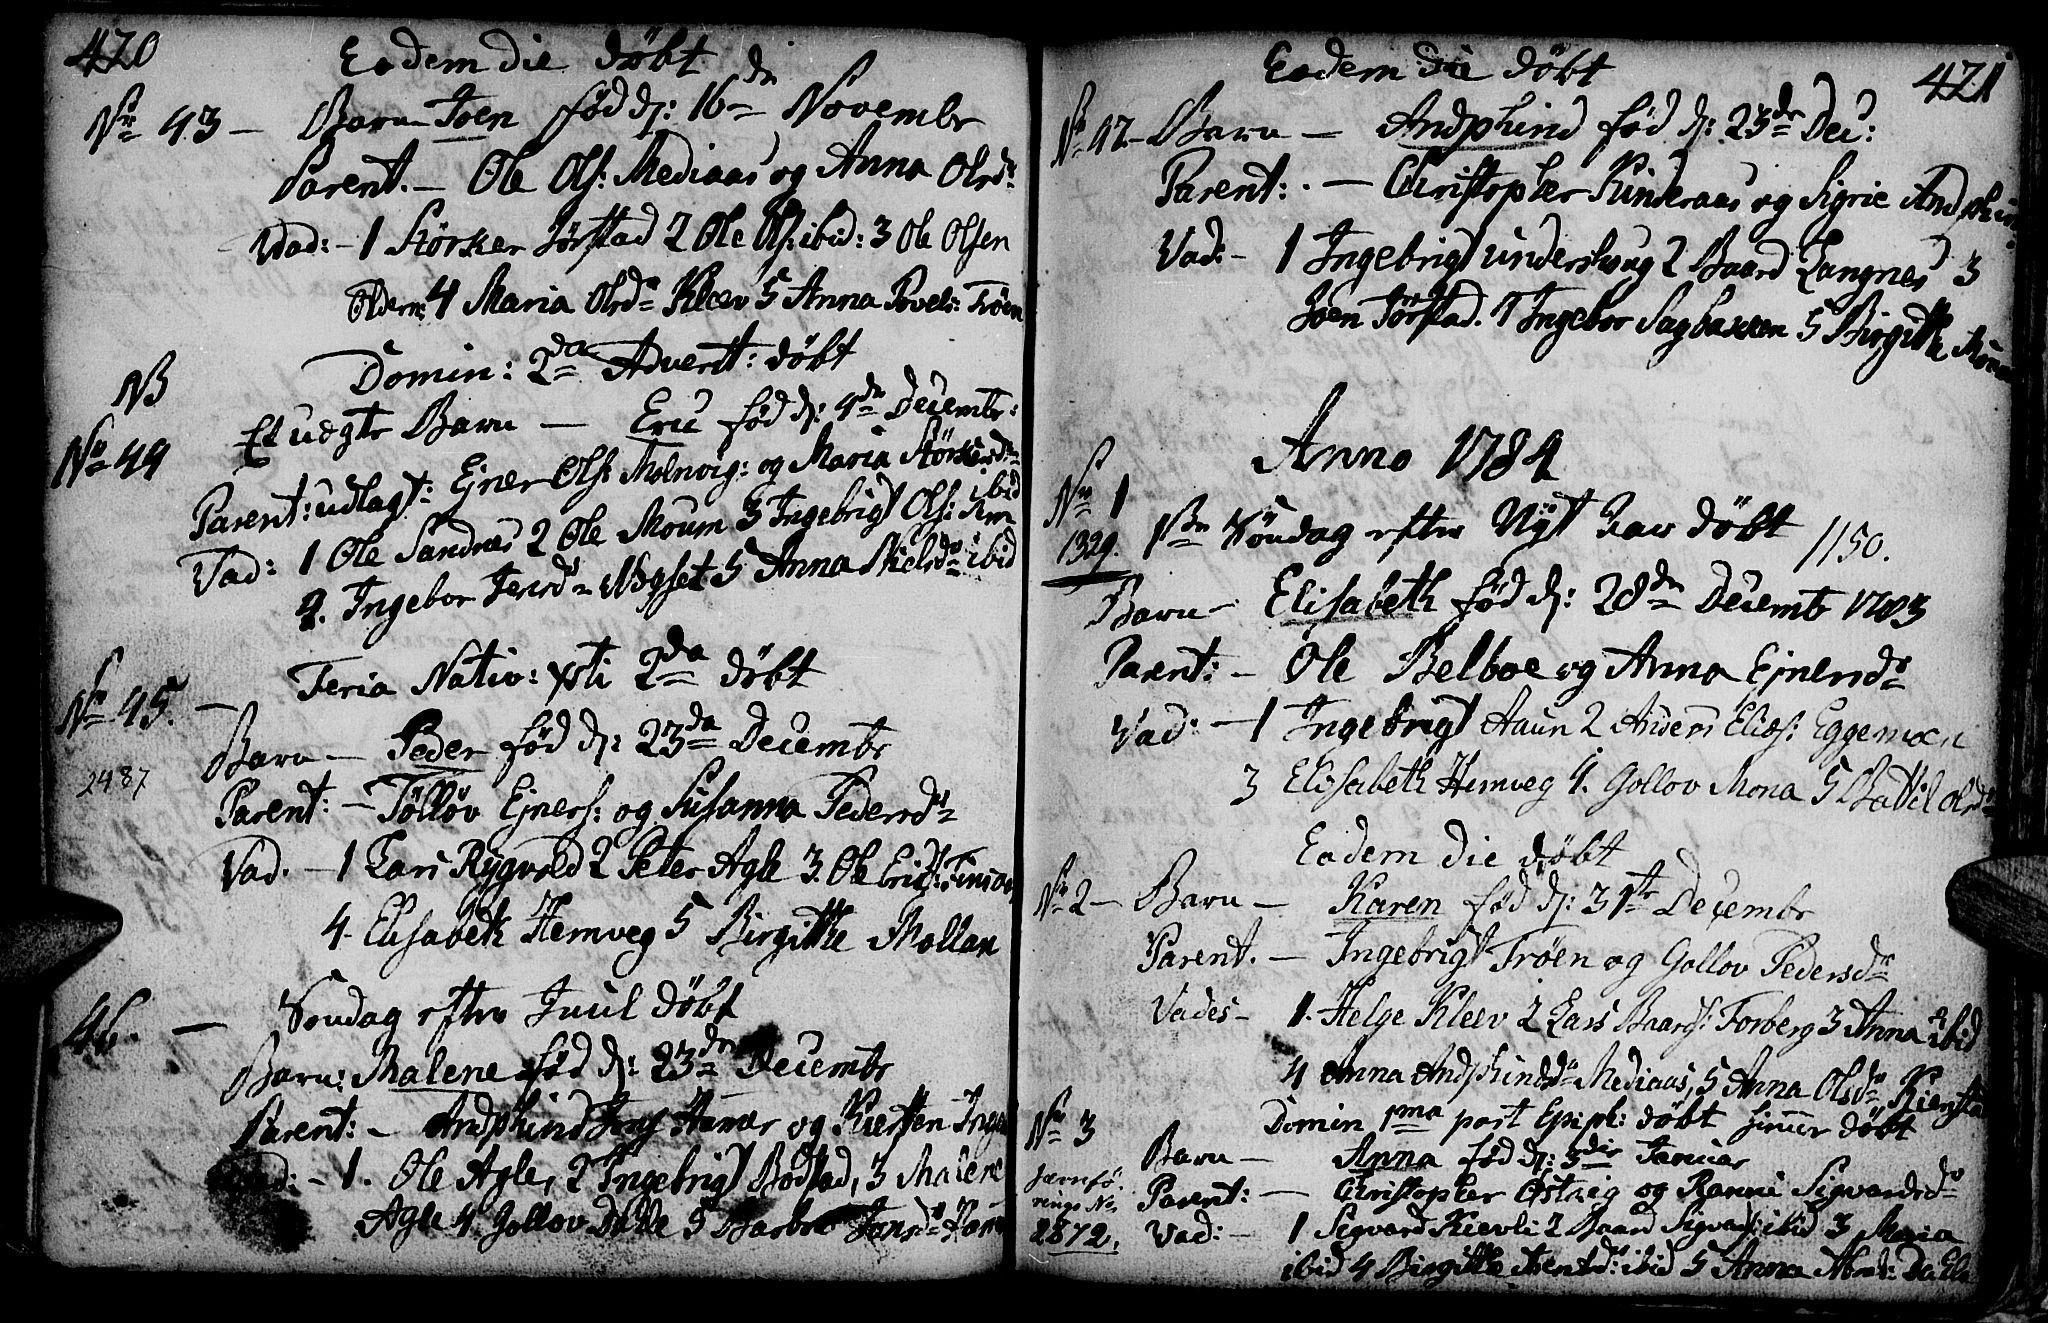 SAT, Ministerialprotokoller, klokkerbøker og fødselsregistre - Nord-Trøndelag, 749/L0467: Ministerialbok nr. 749A01, 1733-1787, s. 420-421